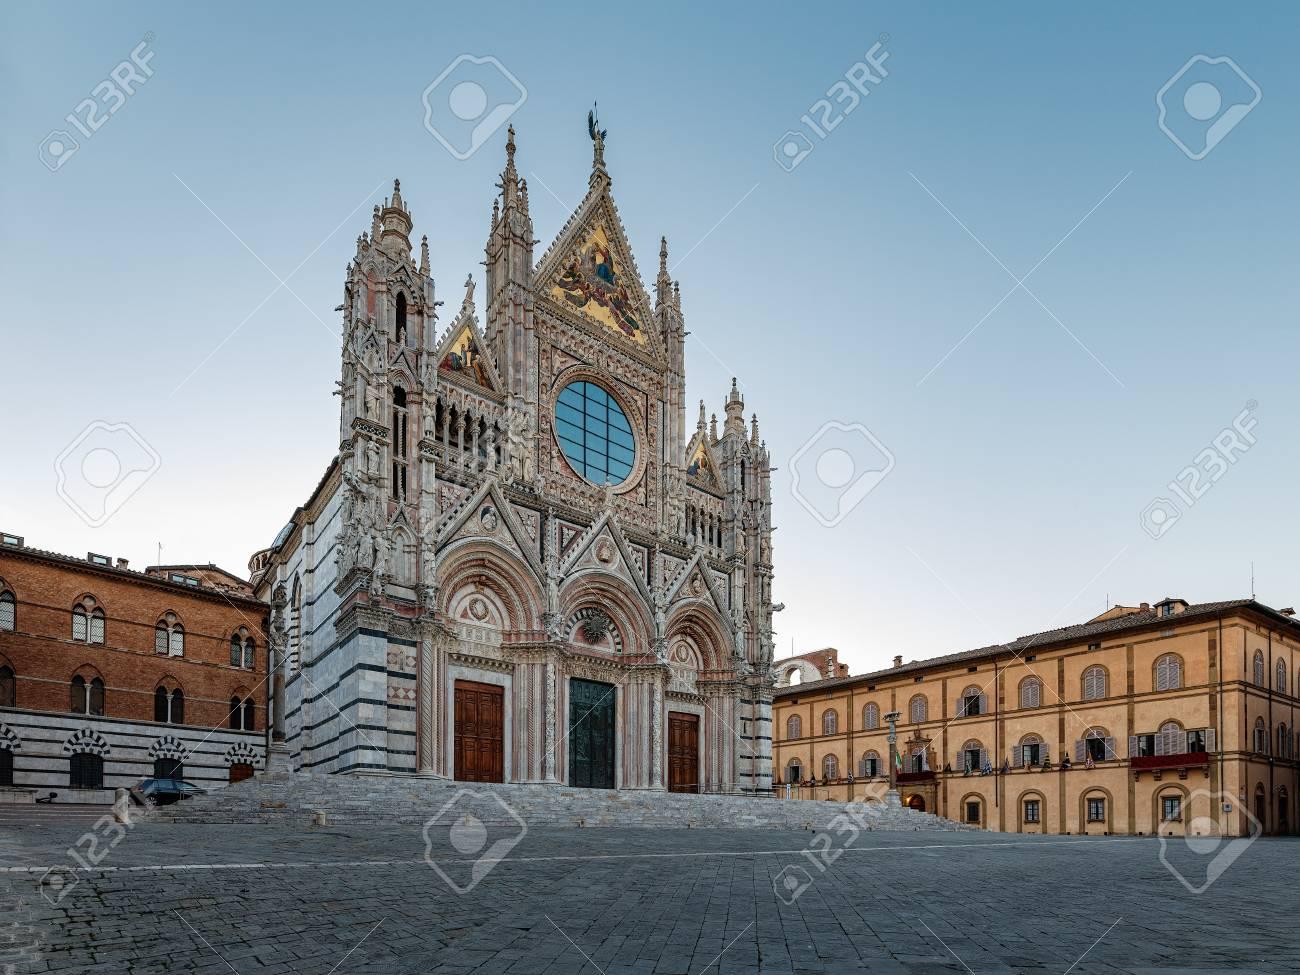 Kathedraal Van Siena.De Kathedraal Van Siena Is Een Middeleeuwse Kerk In Siena Italie Die Vanaf Haar Vroegste Dagen Als Rooms Katholieke Maria Kerk Werd Gewijd En Nu Is